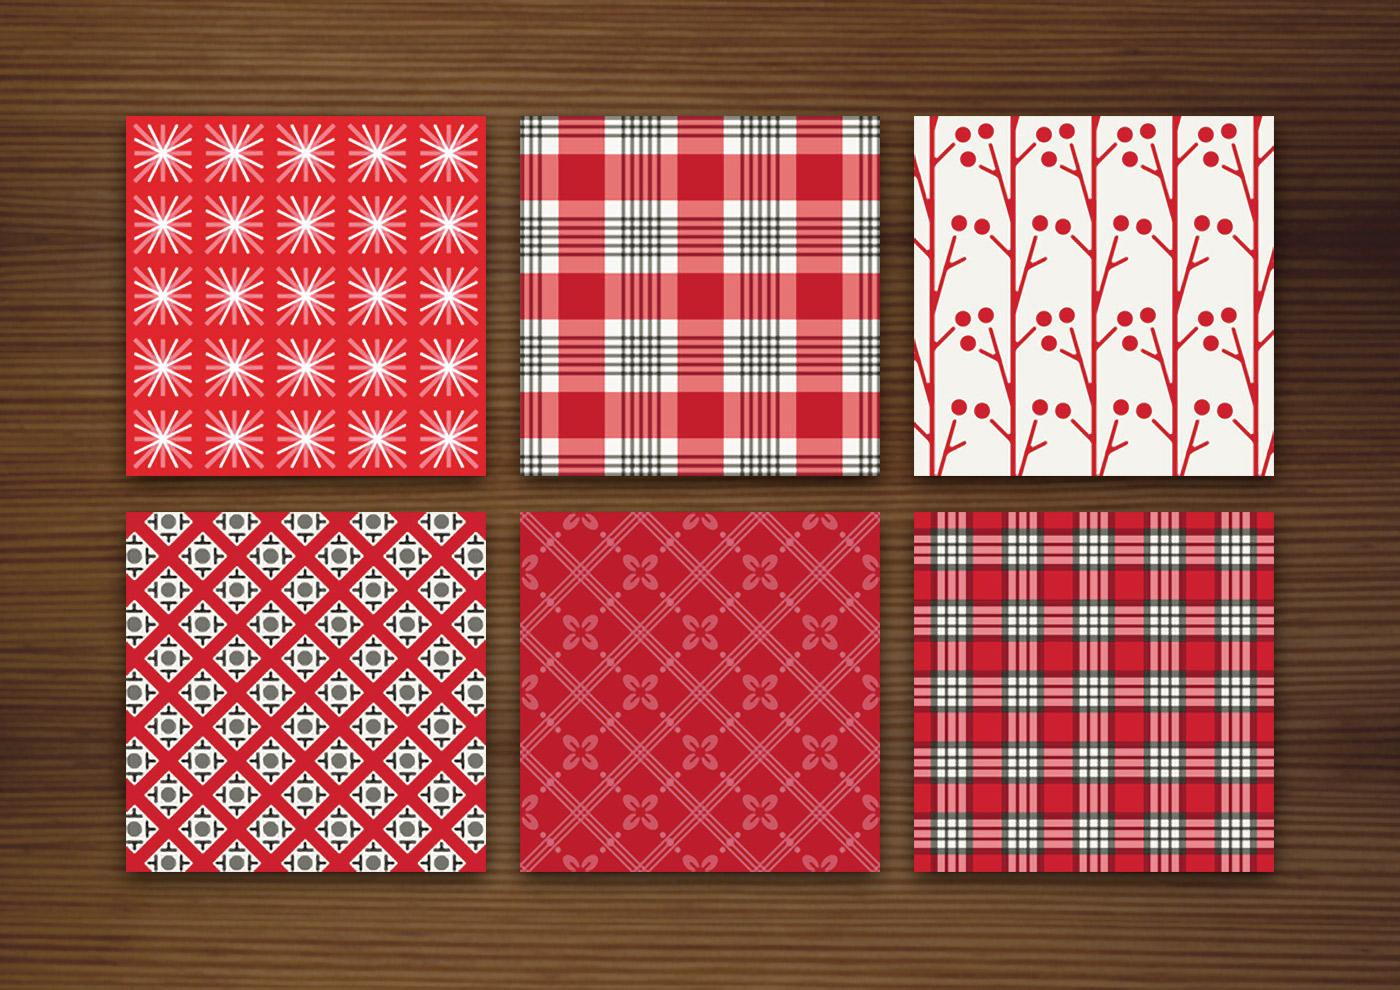 Grafik Design für rote Muster für Stoffe, Tapeten und Papier mit Karos, Sternchen, Beeren, Blumen und Kirschen für Produkte und Aufdrucke